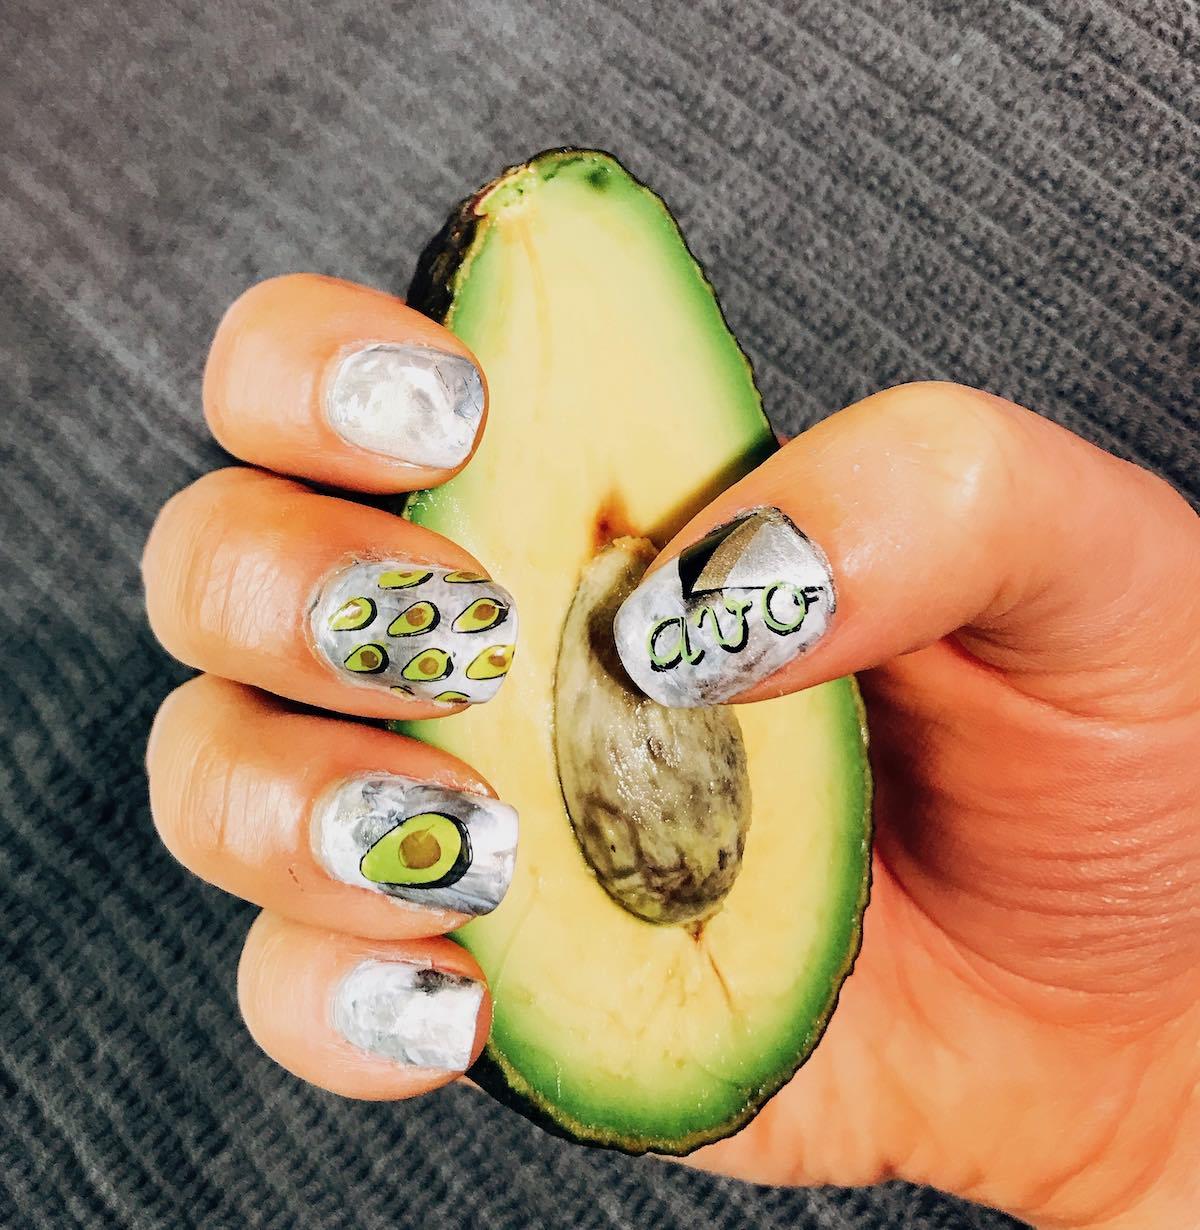 Halve avocado with nail art